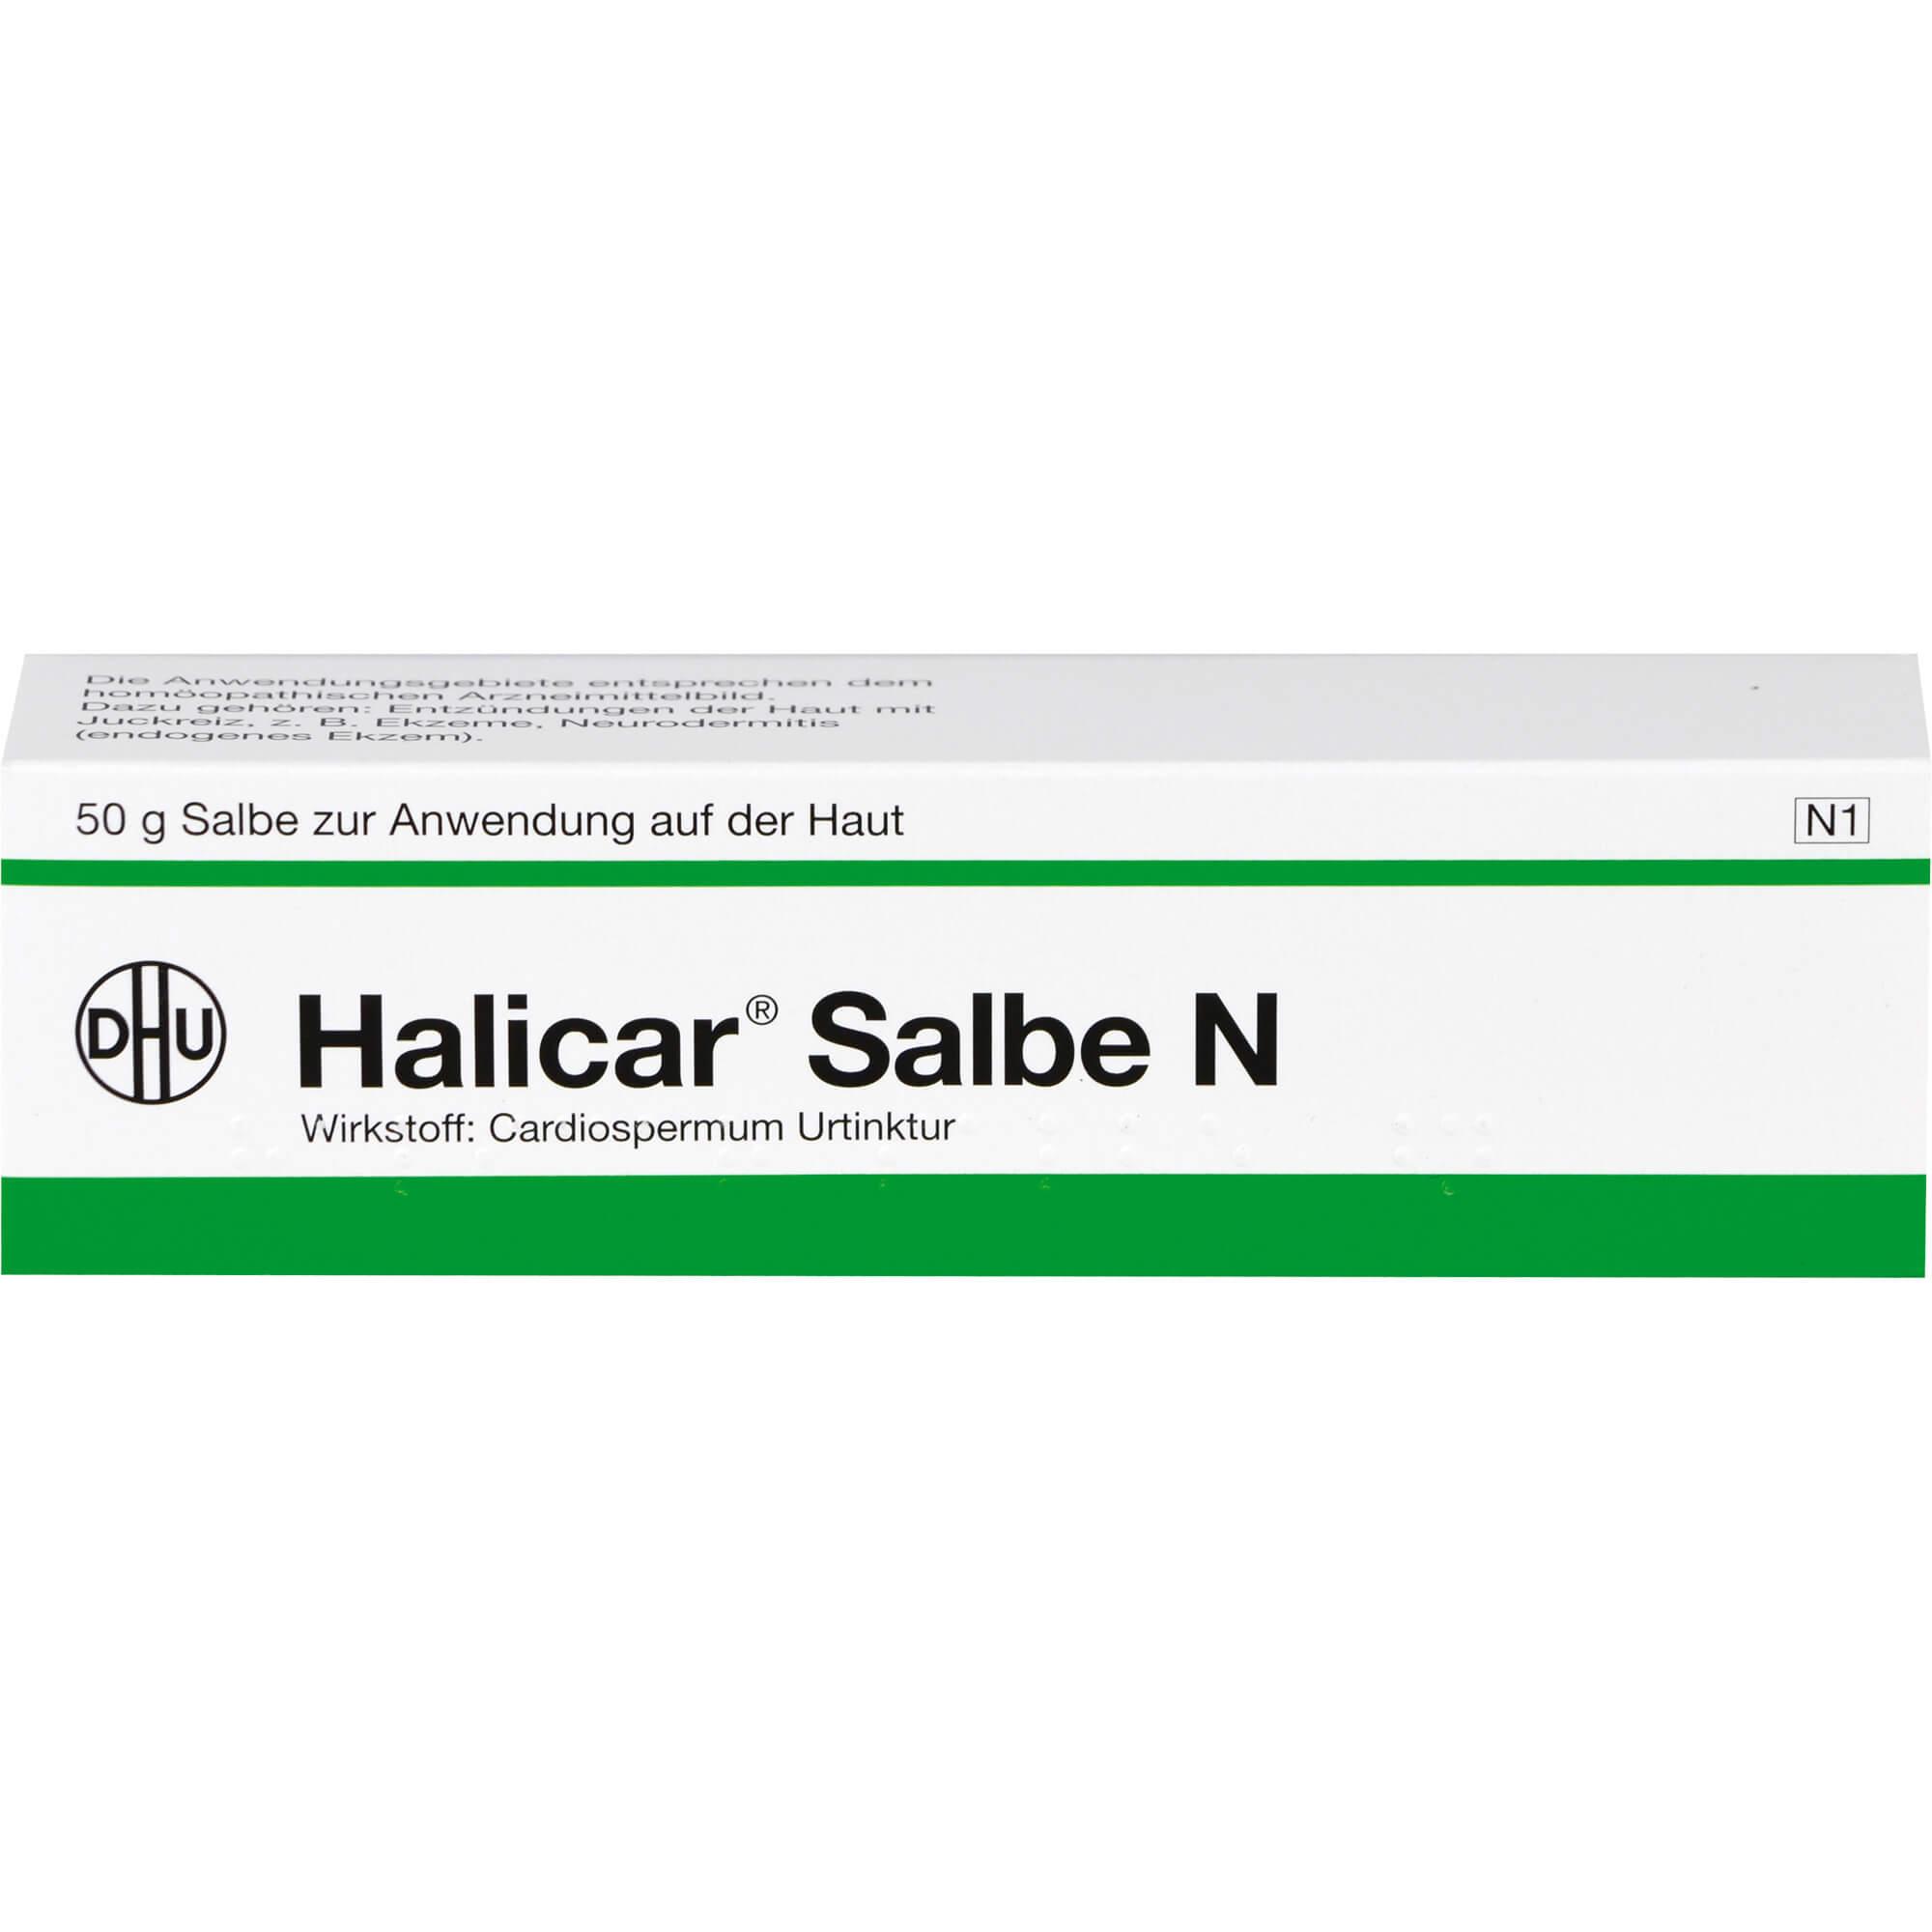 HALICAR-Salbe-N